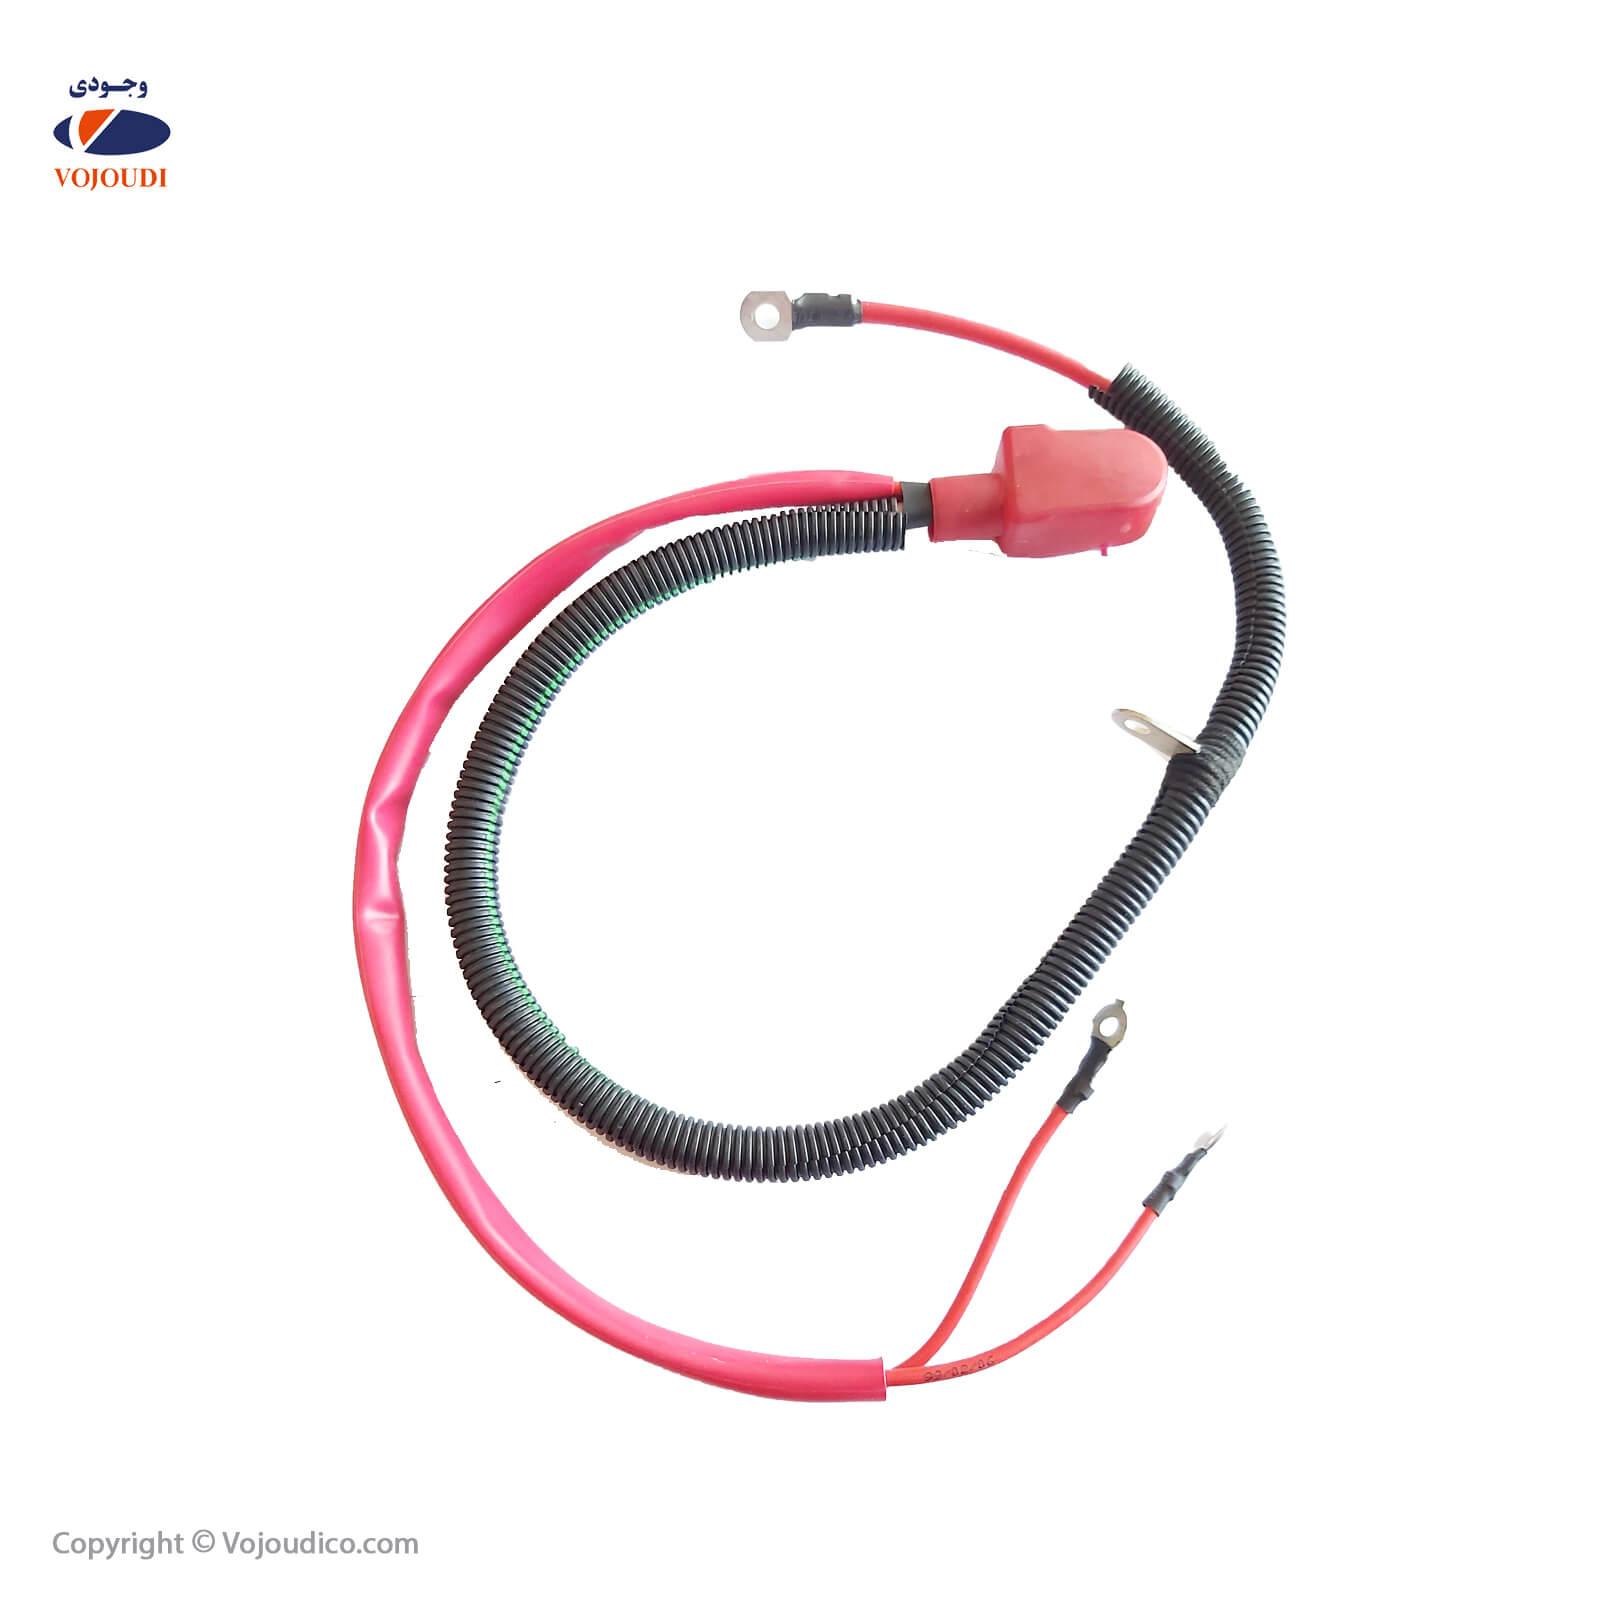 31425 - سوکت کابل مثبت باطری وجودی کد 31425 مناسب برای 206 -405- پرشیا- سمند- پراید ، تعداد در بسته : 6 عدد